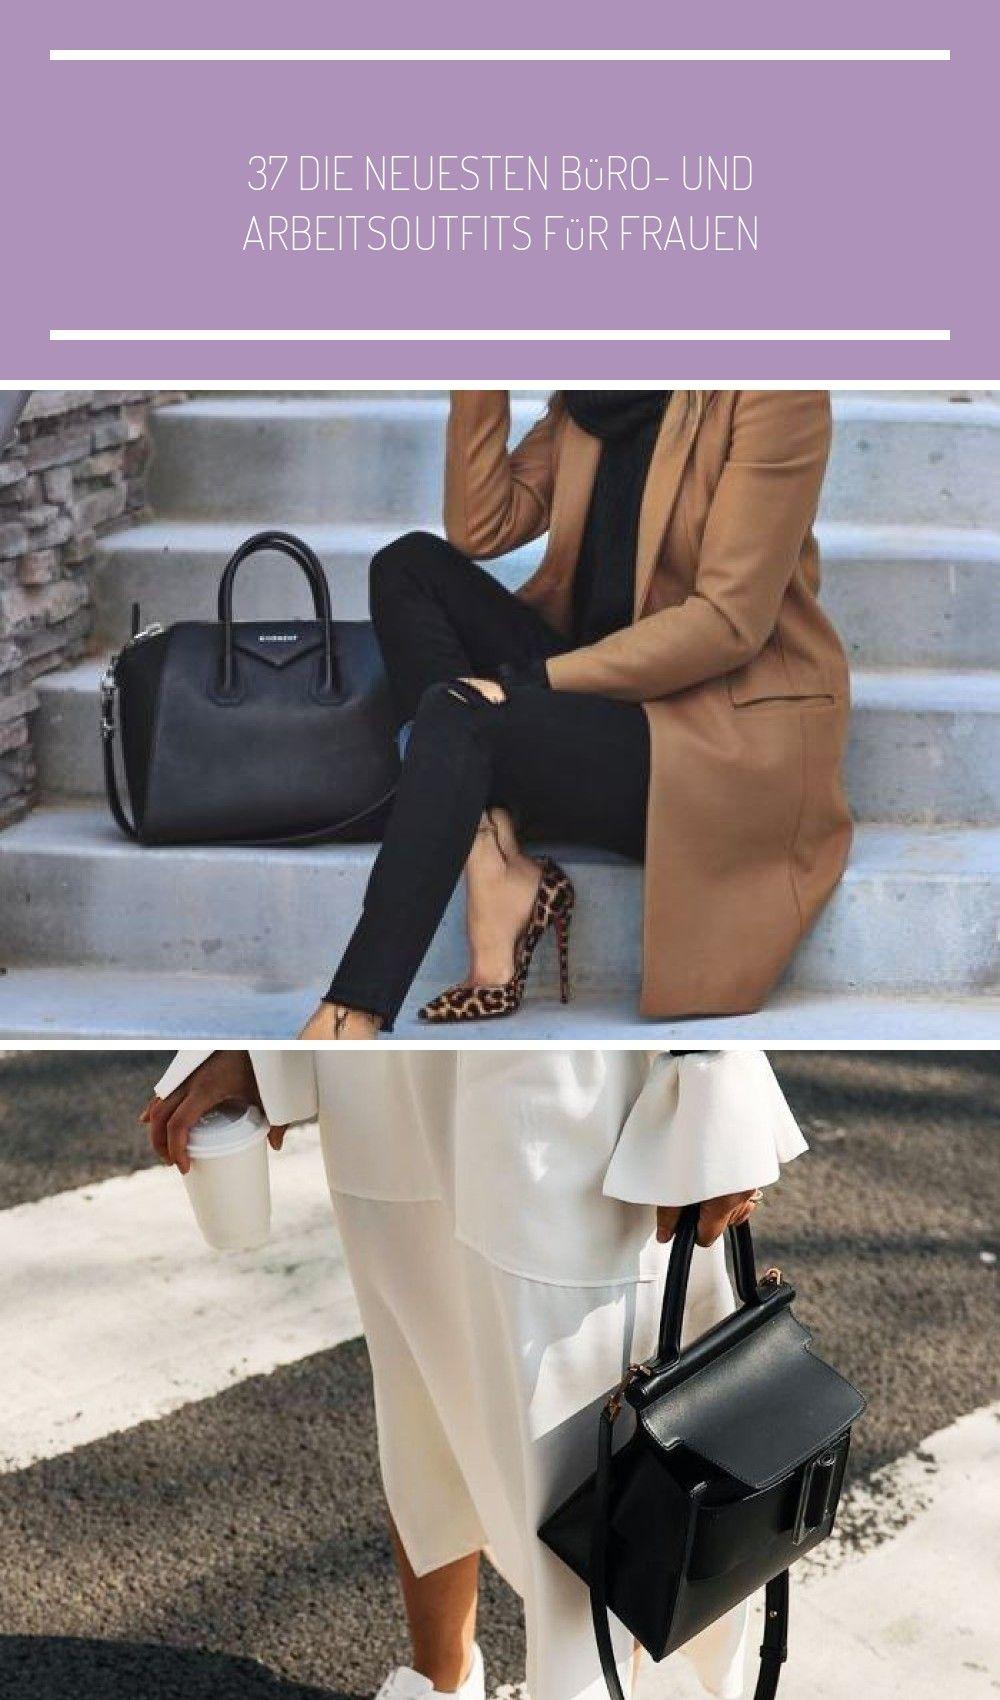 37 Die neuesten Büro- und Arbeitsoutfits für Frauen  #love #instagood #photooftheday #fashion #beaut...